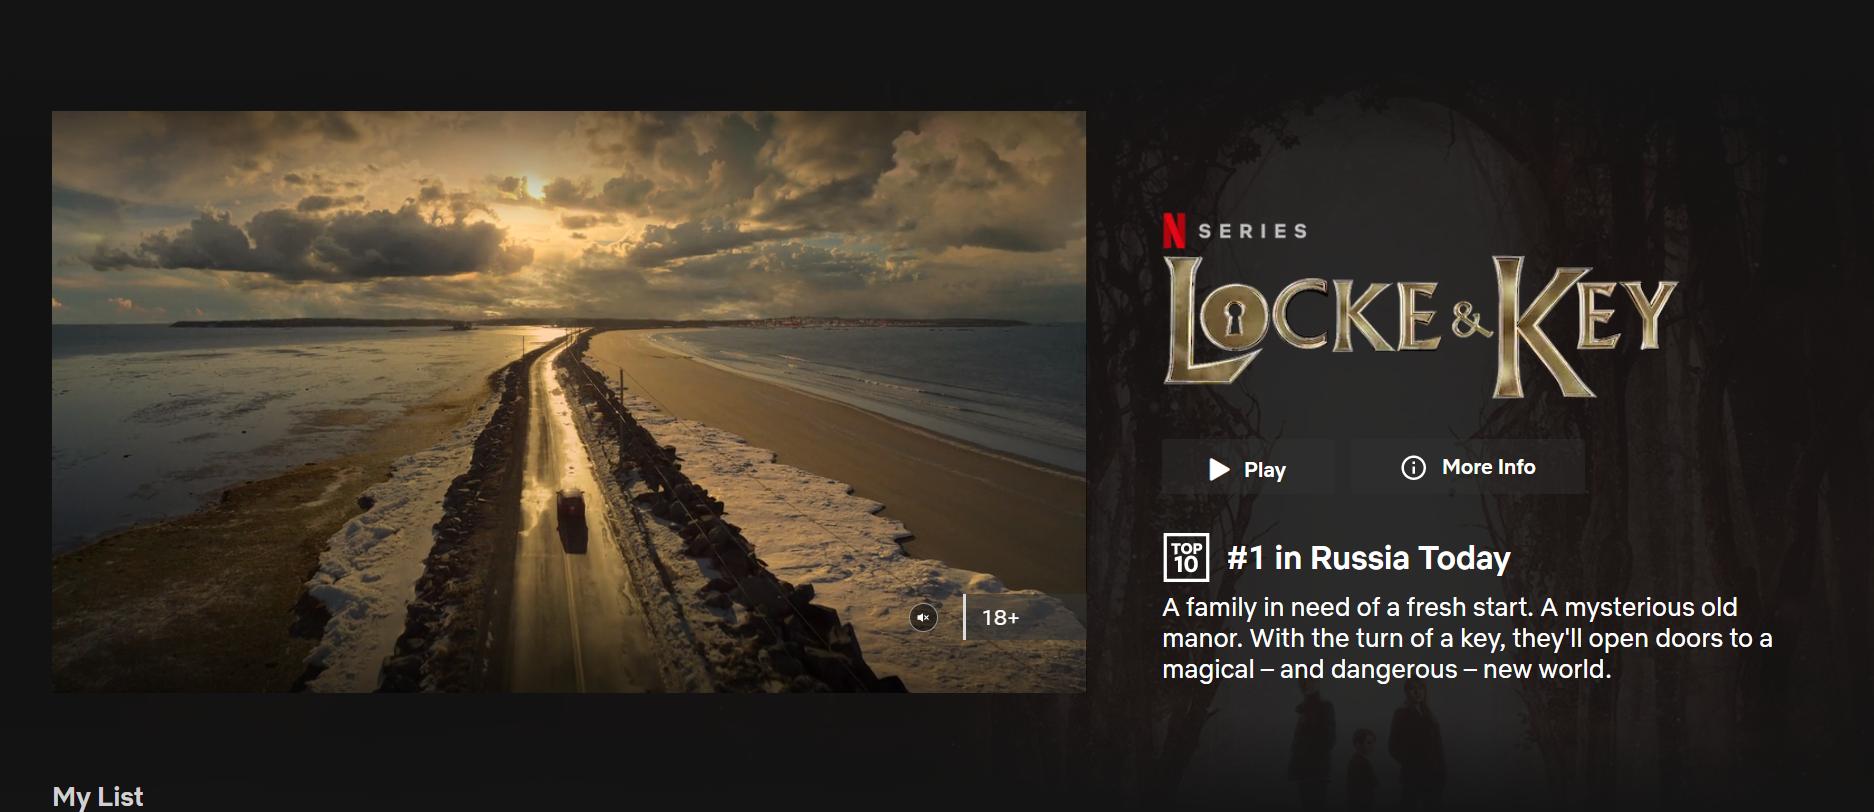 В Netflix появились списки самых популярных сериалов и фильмов за день 1